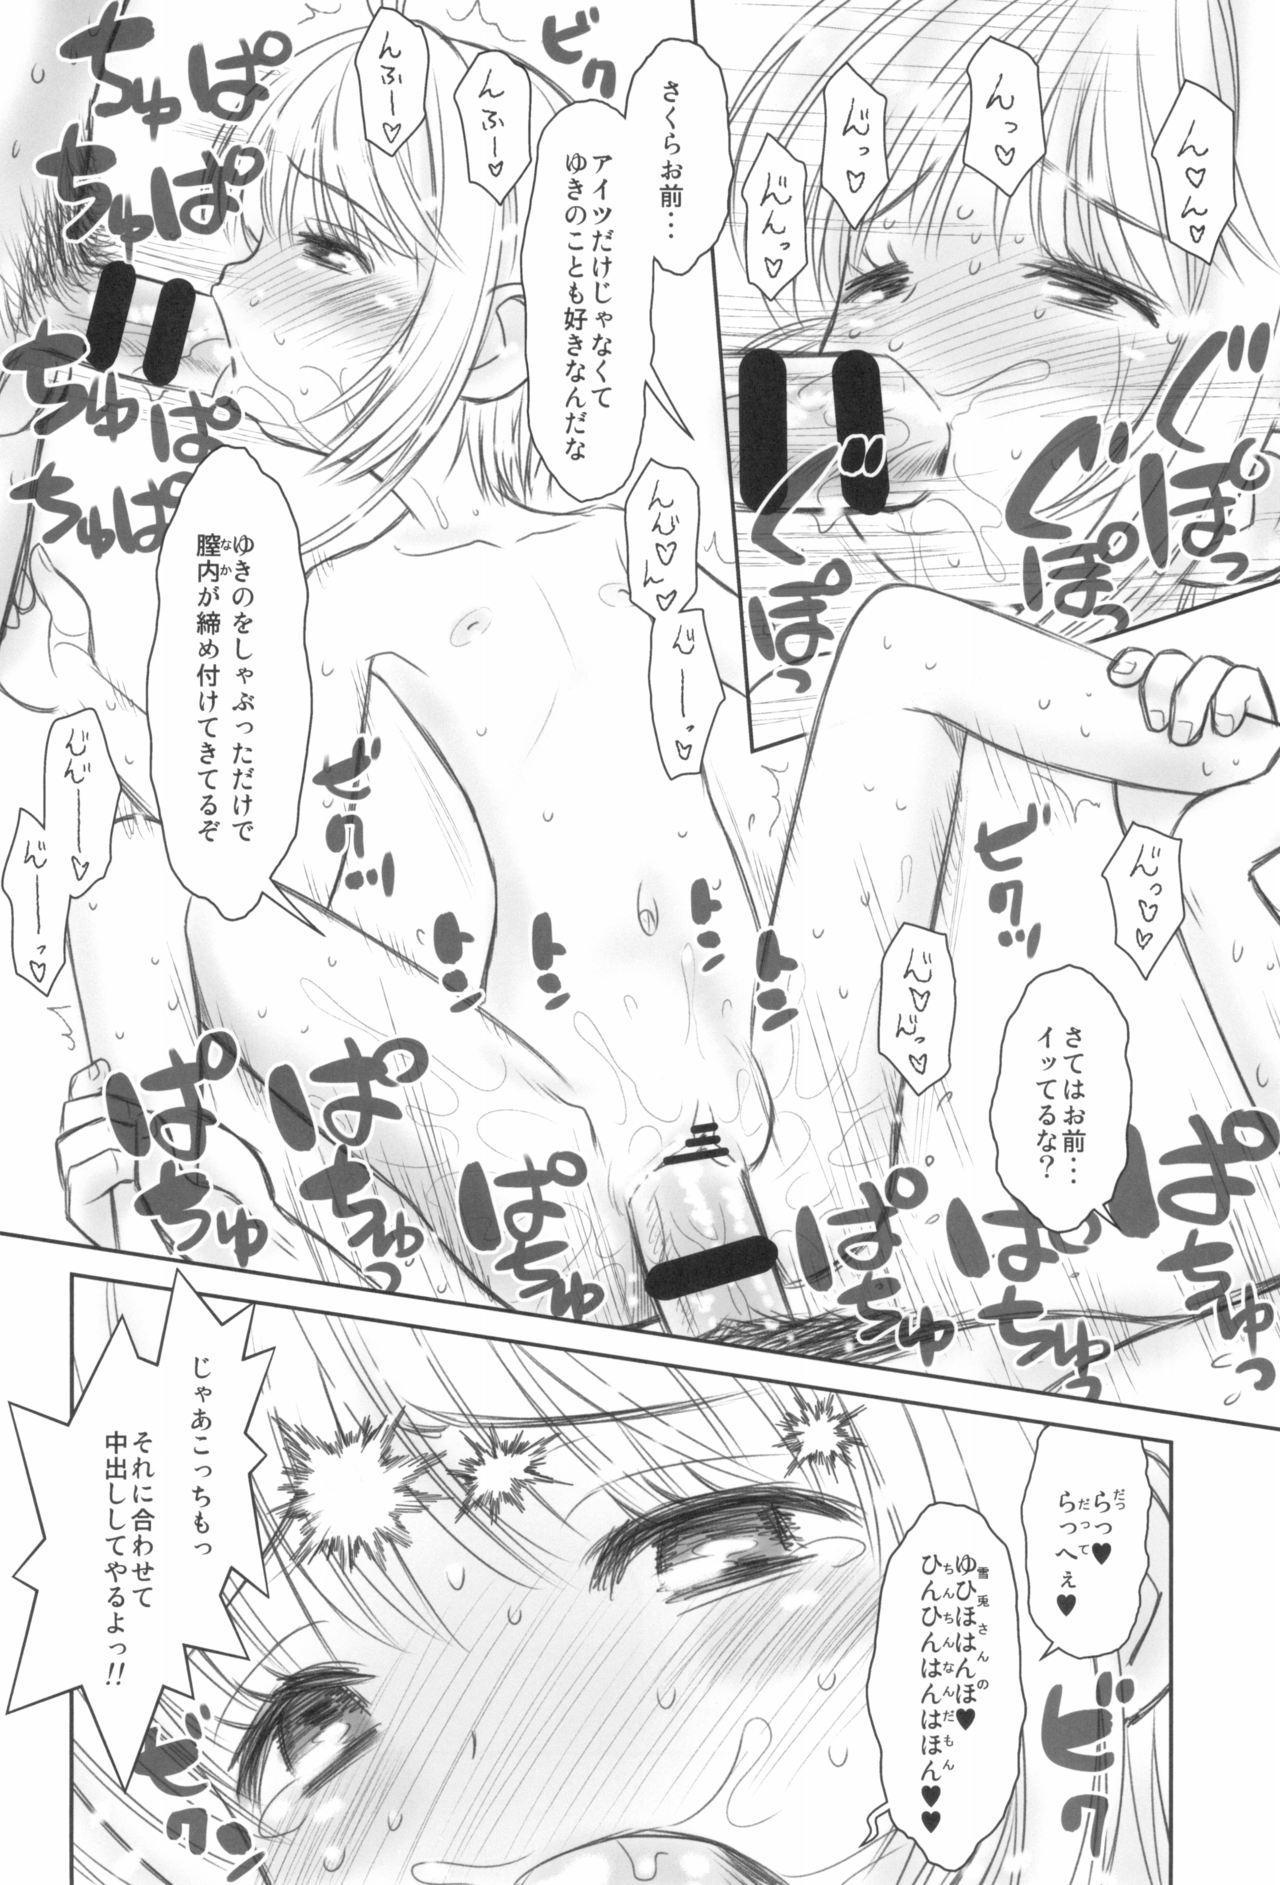 Hinnyuu Musume 38 9